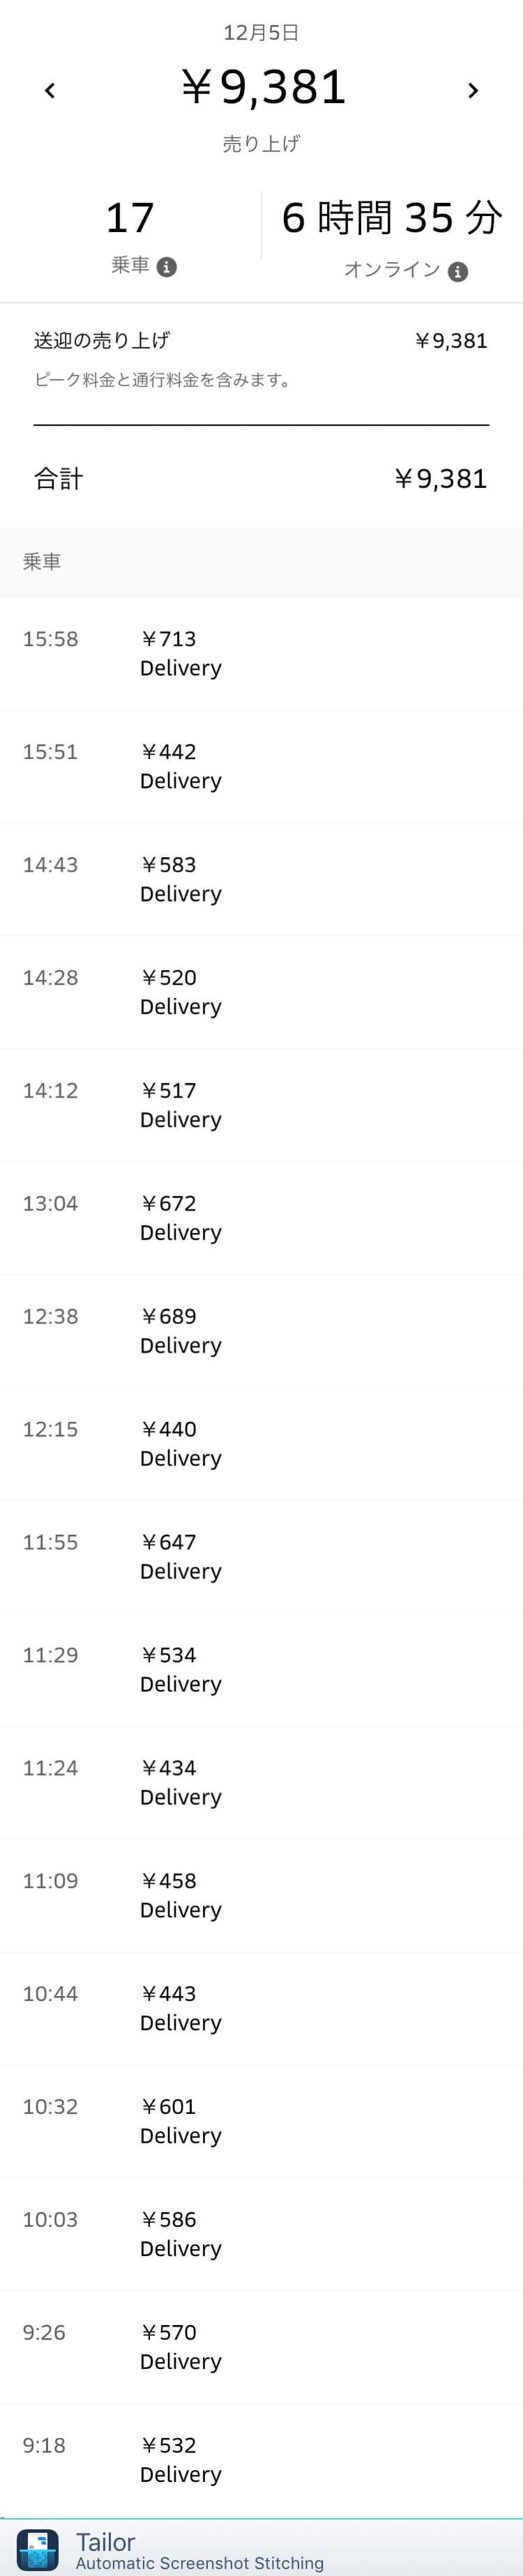 Uber Eats12月5日の配達数字